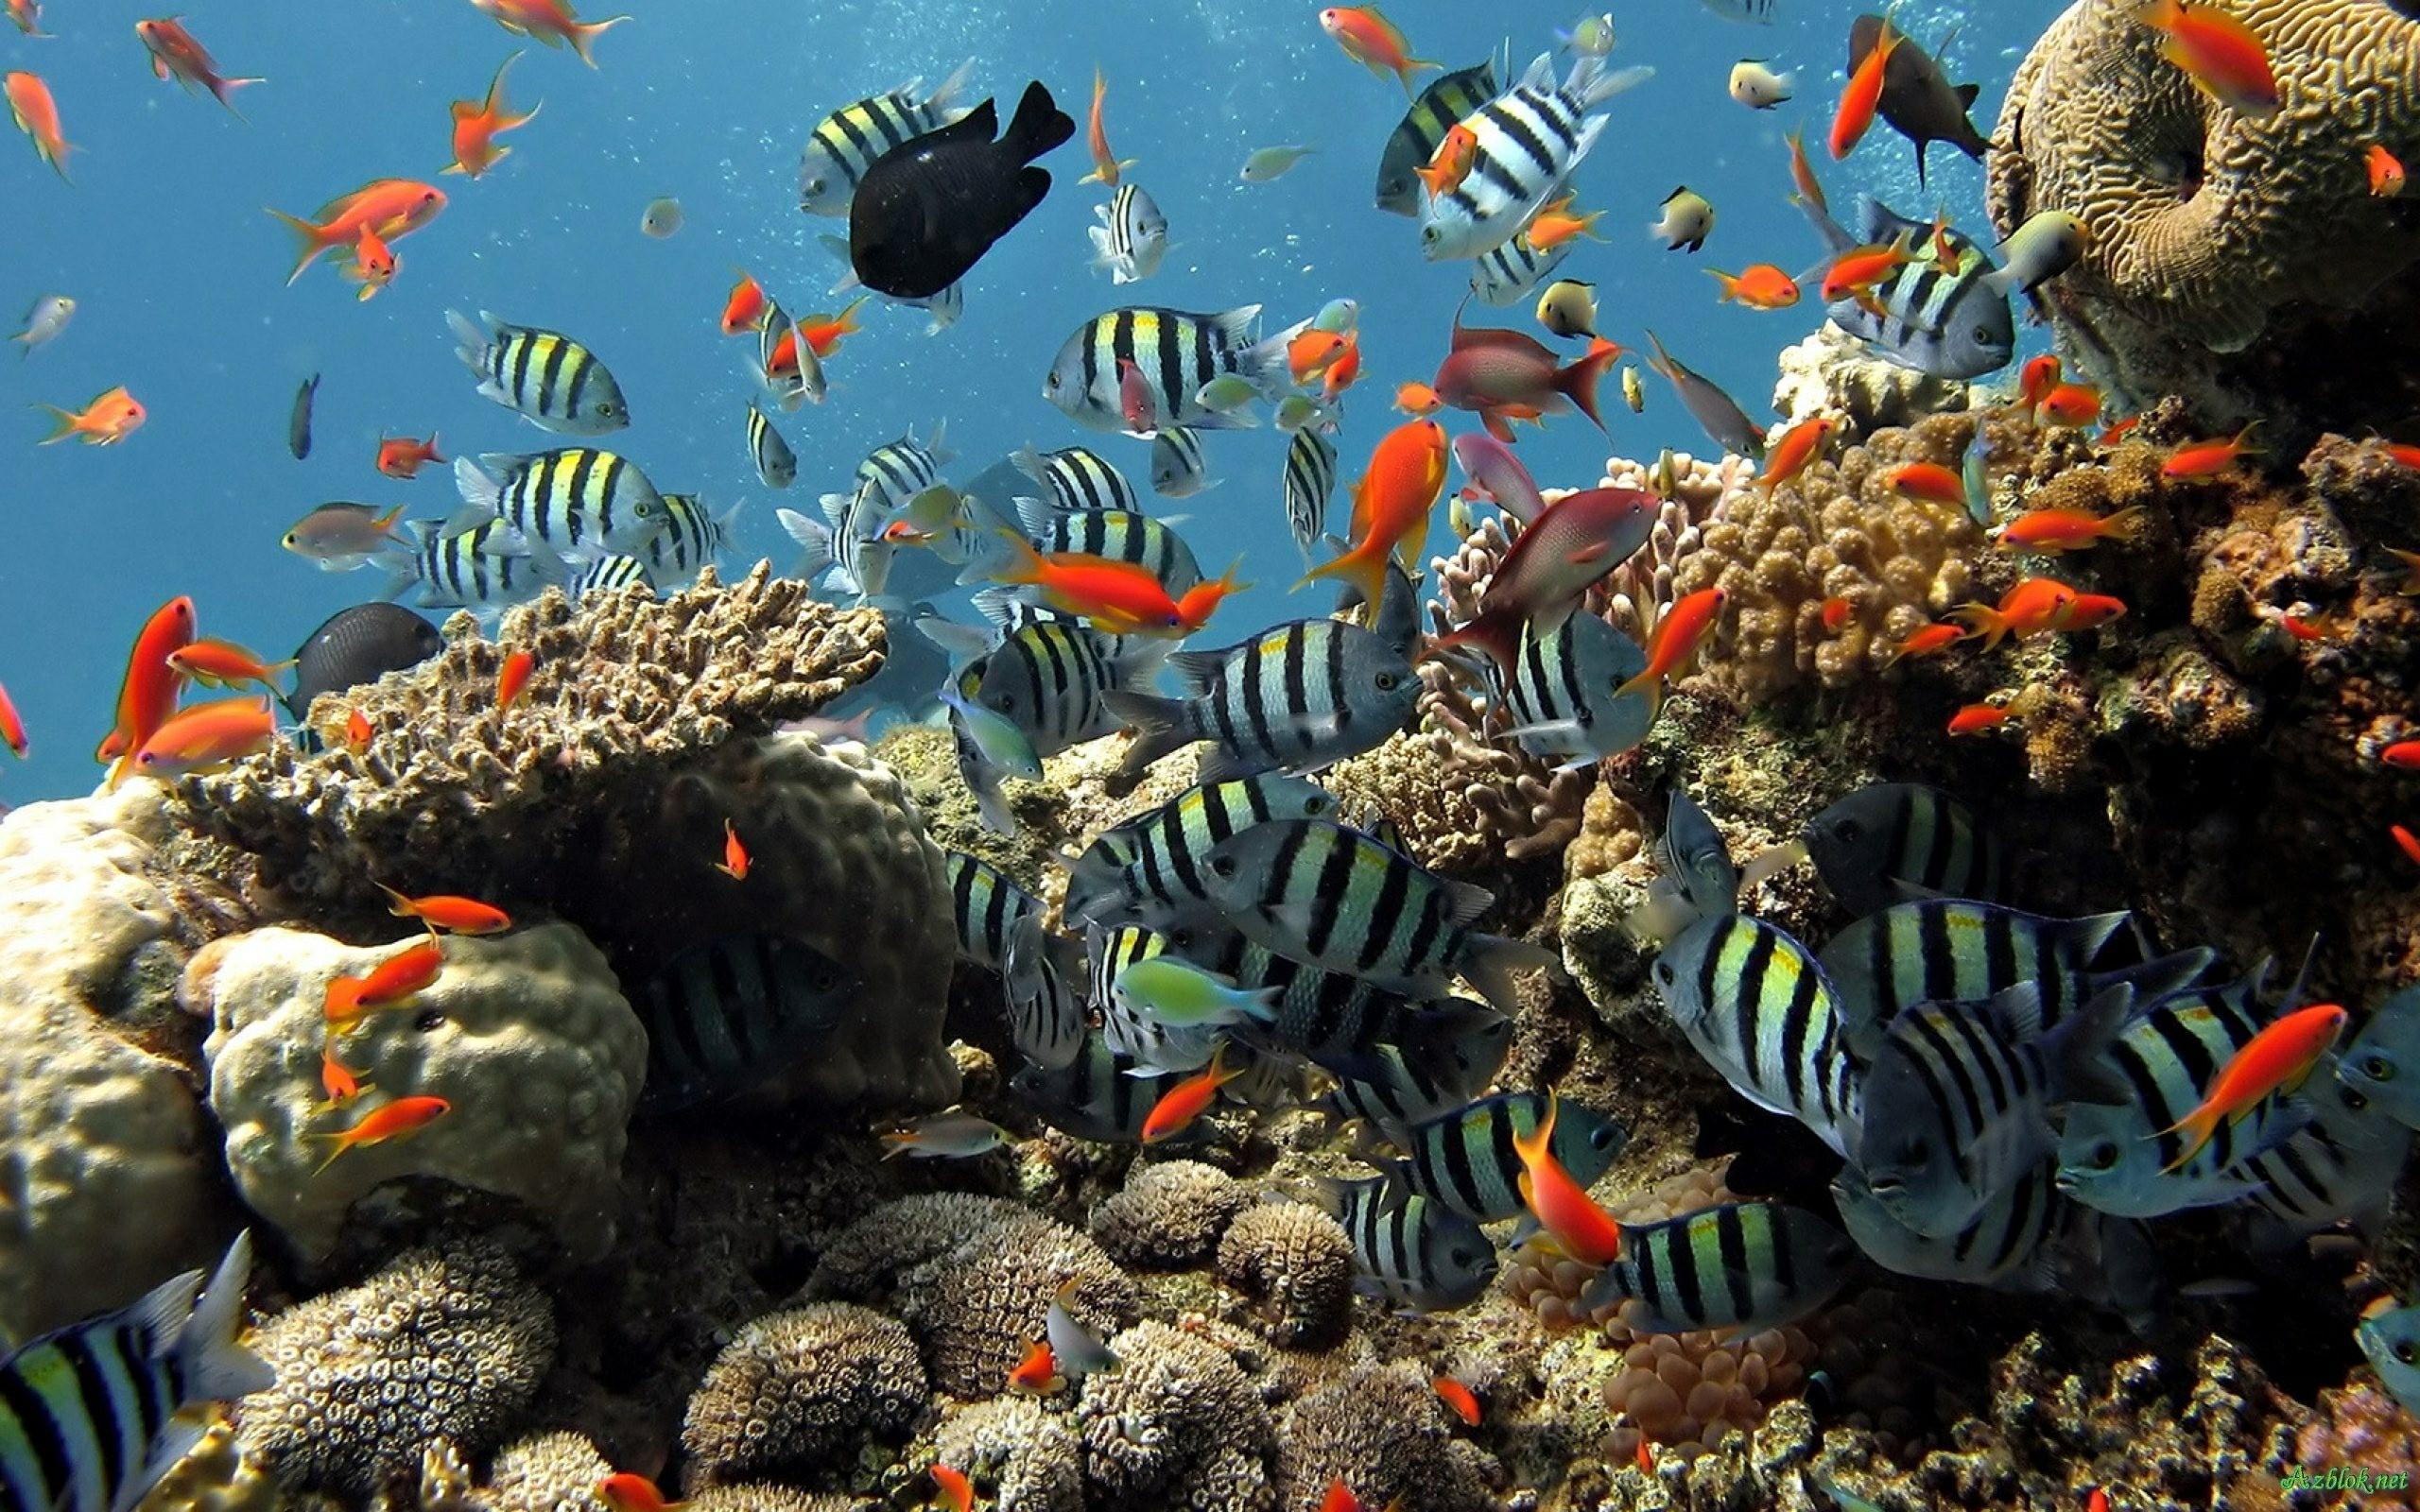 2560x1600 2560x1600 Aquarium Live Wallpaper For Pc Free Download · Download · 1920x1080